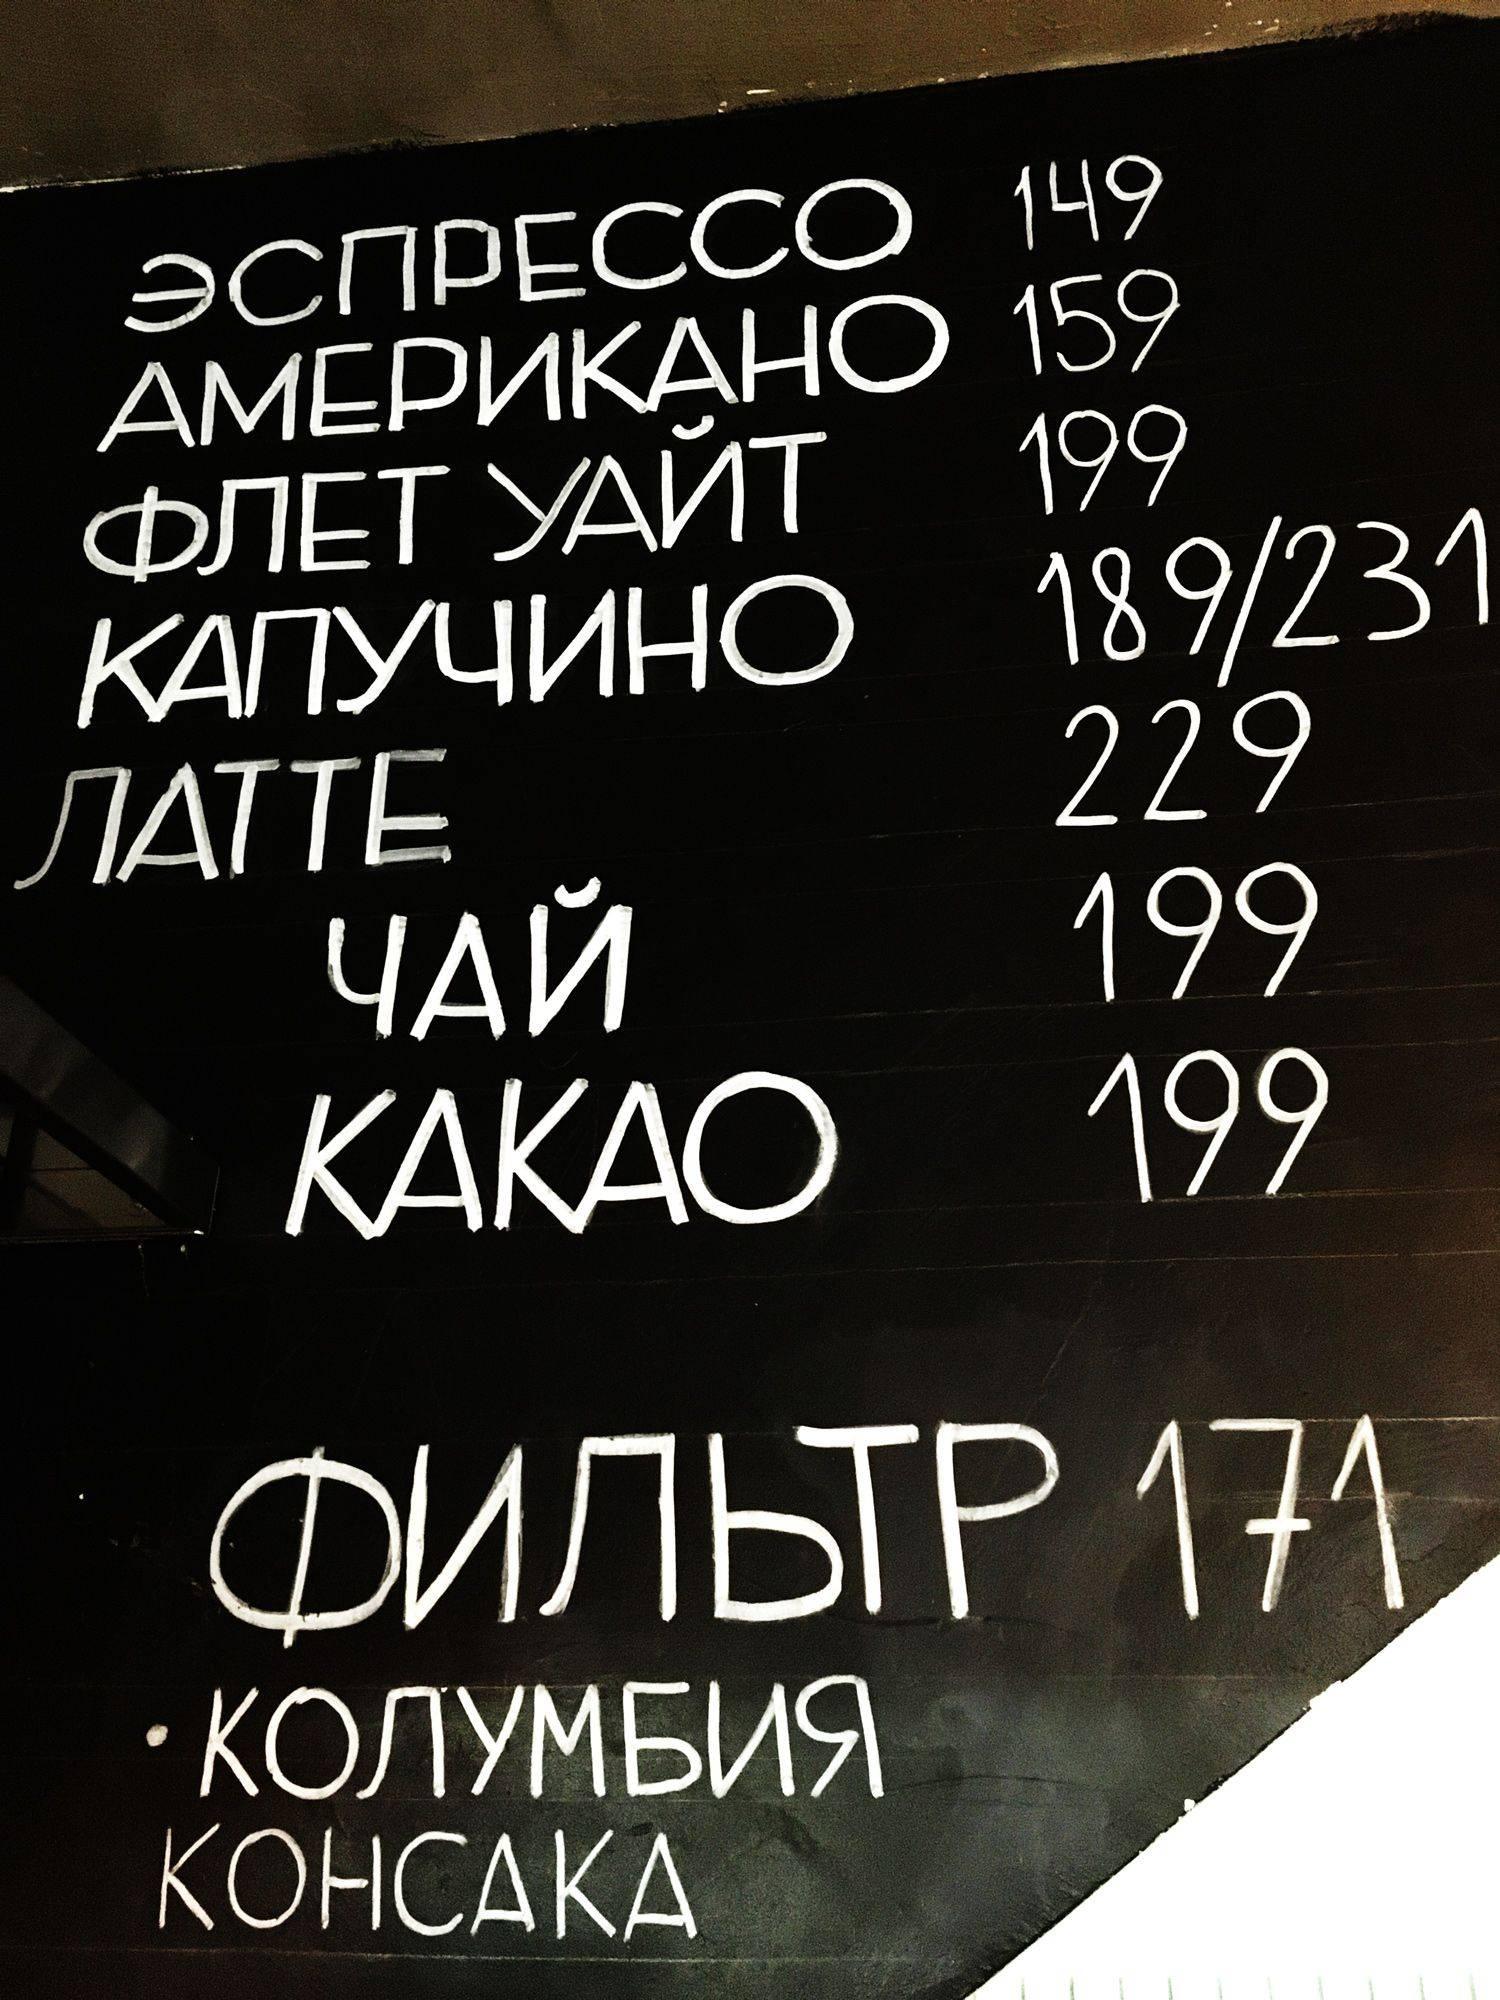 кофе в баре Прогресс 2 на Маяковской, цены на кофе